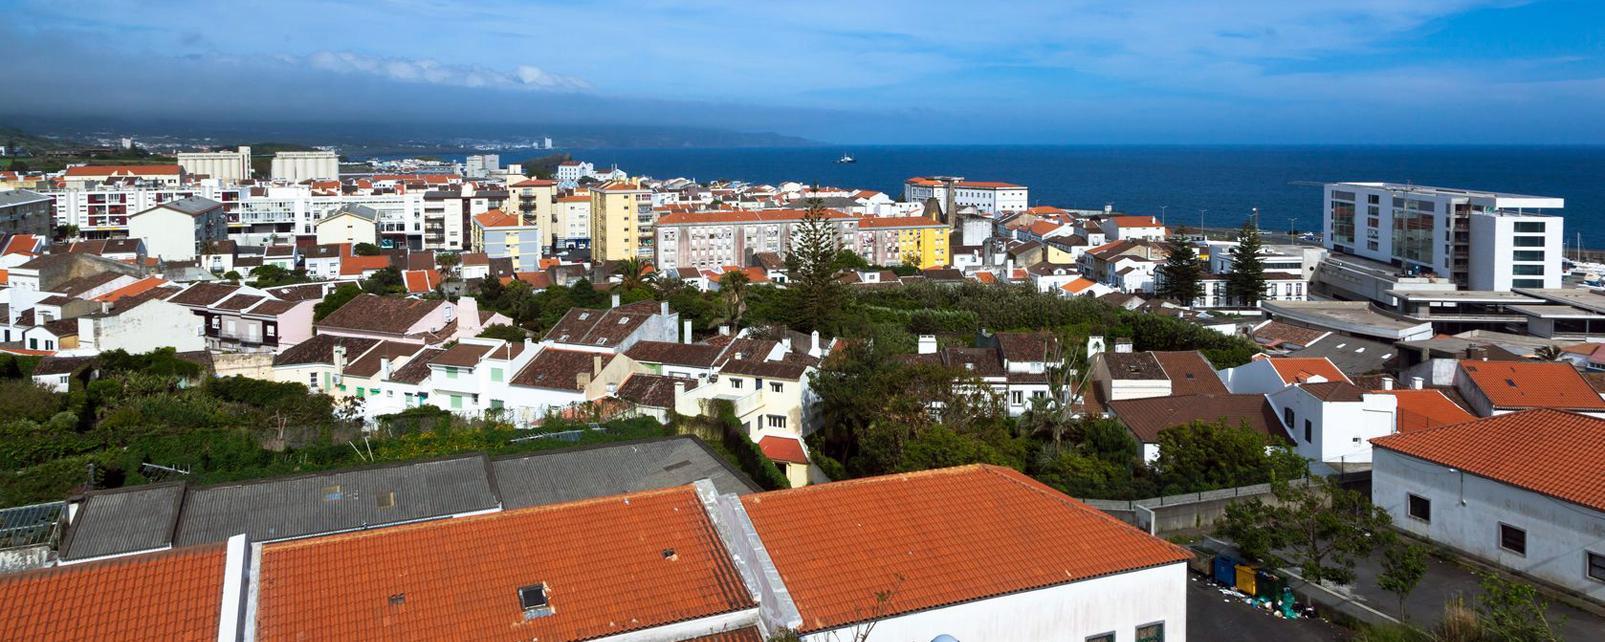 Europe; Portugal; Açores; Ponta Delgada;